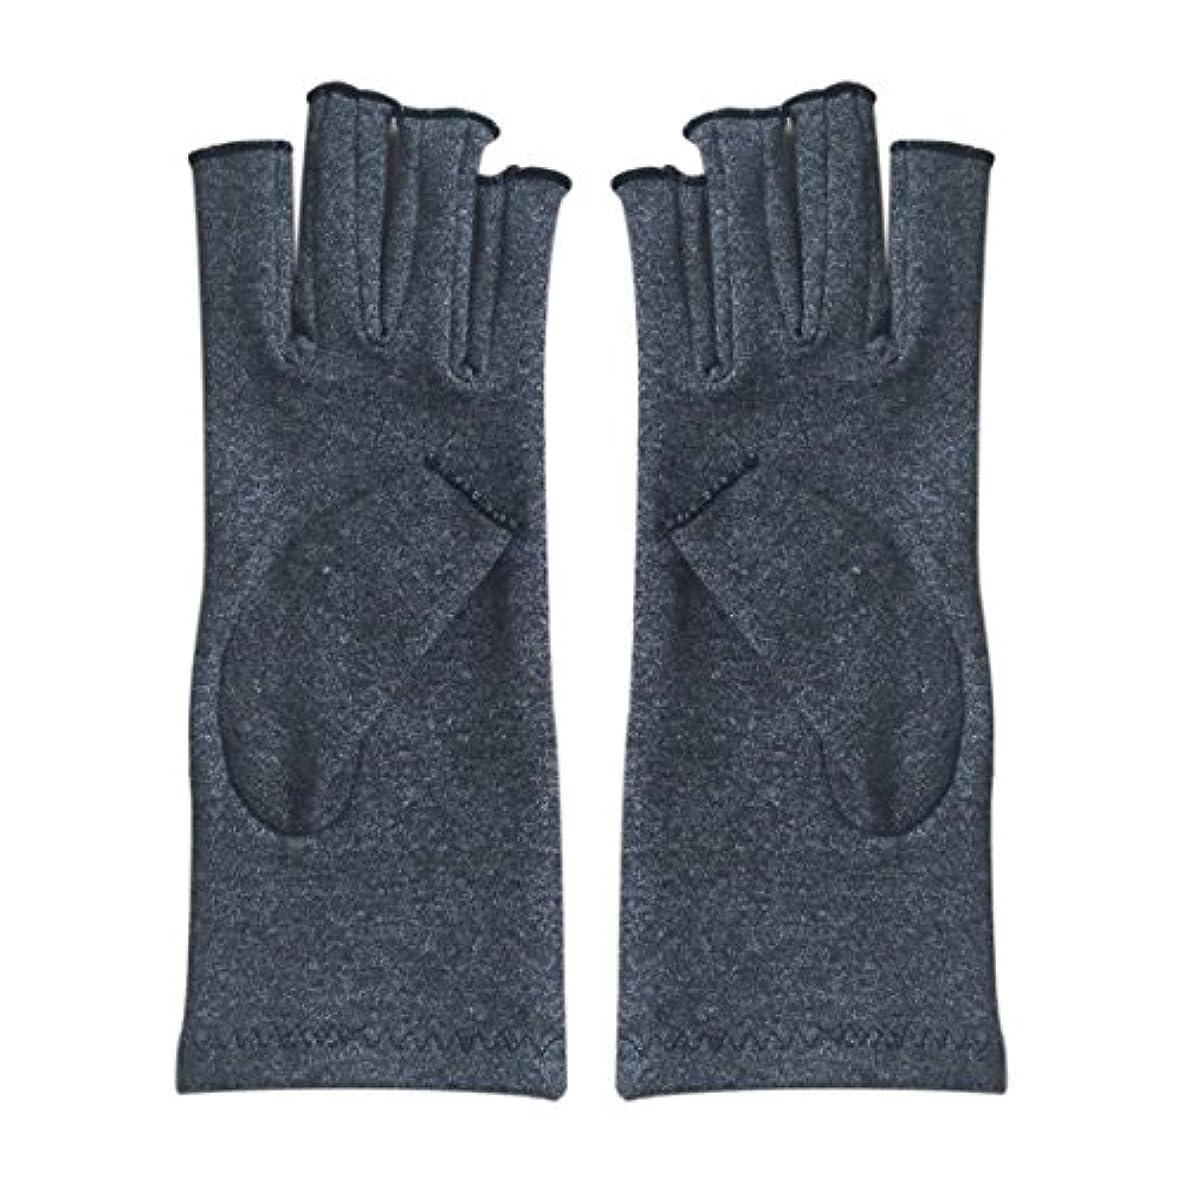 かき混ぜる雇用者レバーTOOGOO ペア 弾性コットンコンプレッション手袋 ユニセックス 関節炎 関節痛 鎮痛 軽減 S 灰色